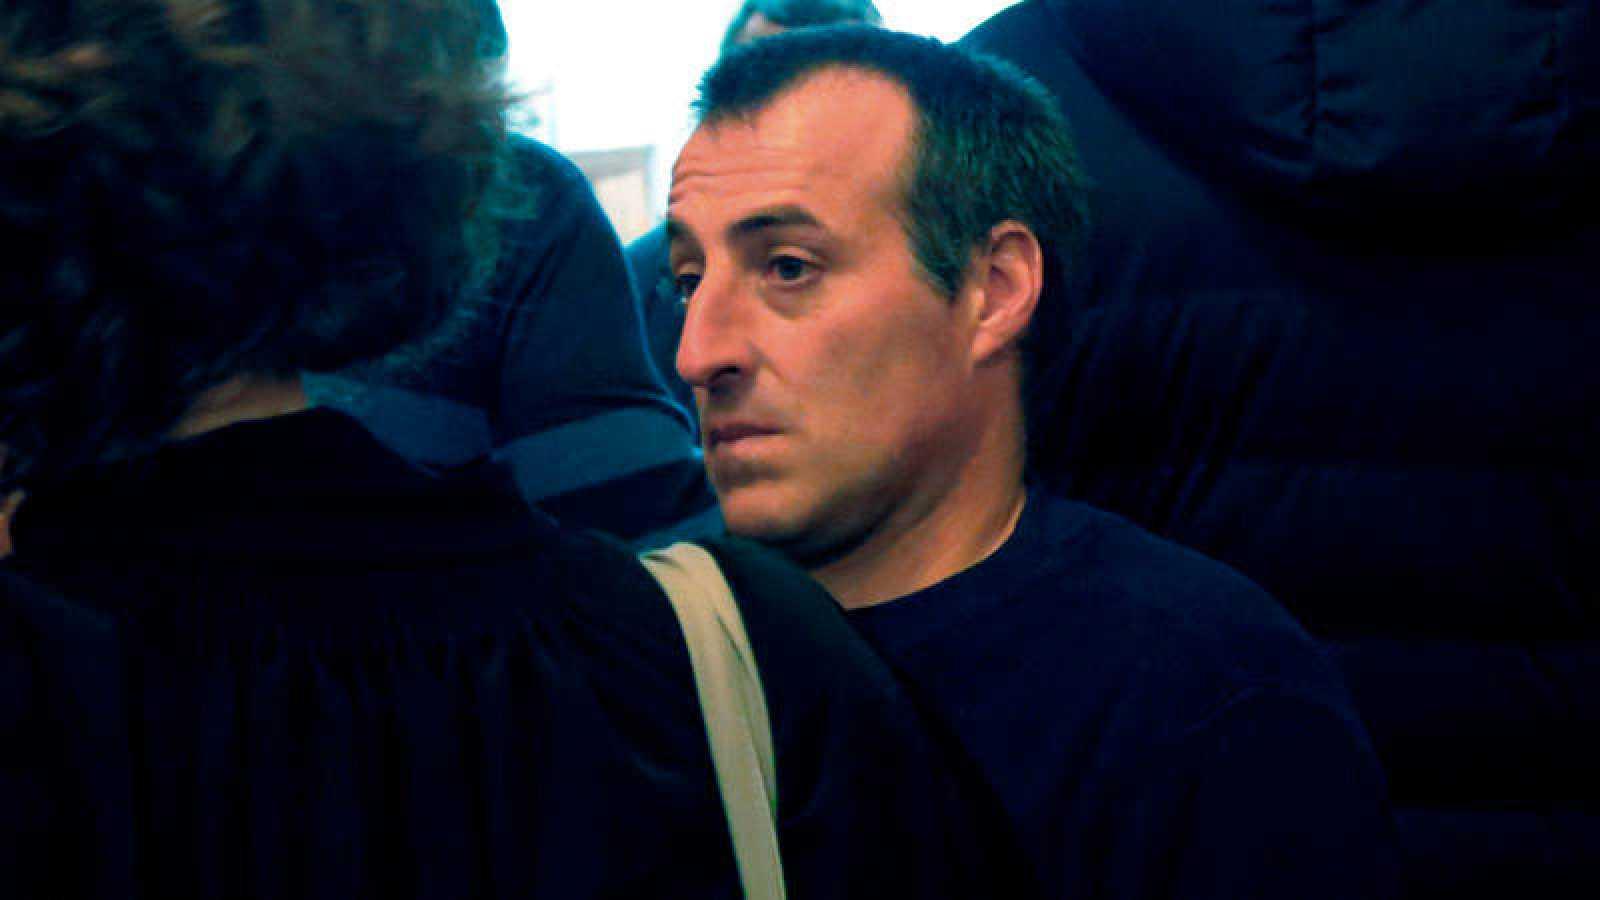 El exjede de ETA David Pla, requerido por la justicia desde 2011, será juzgado en España.